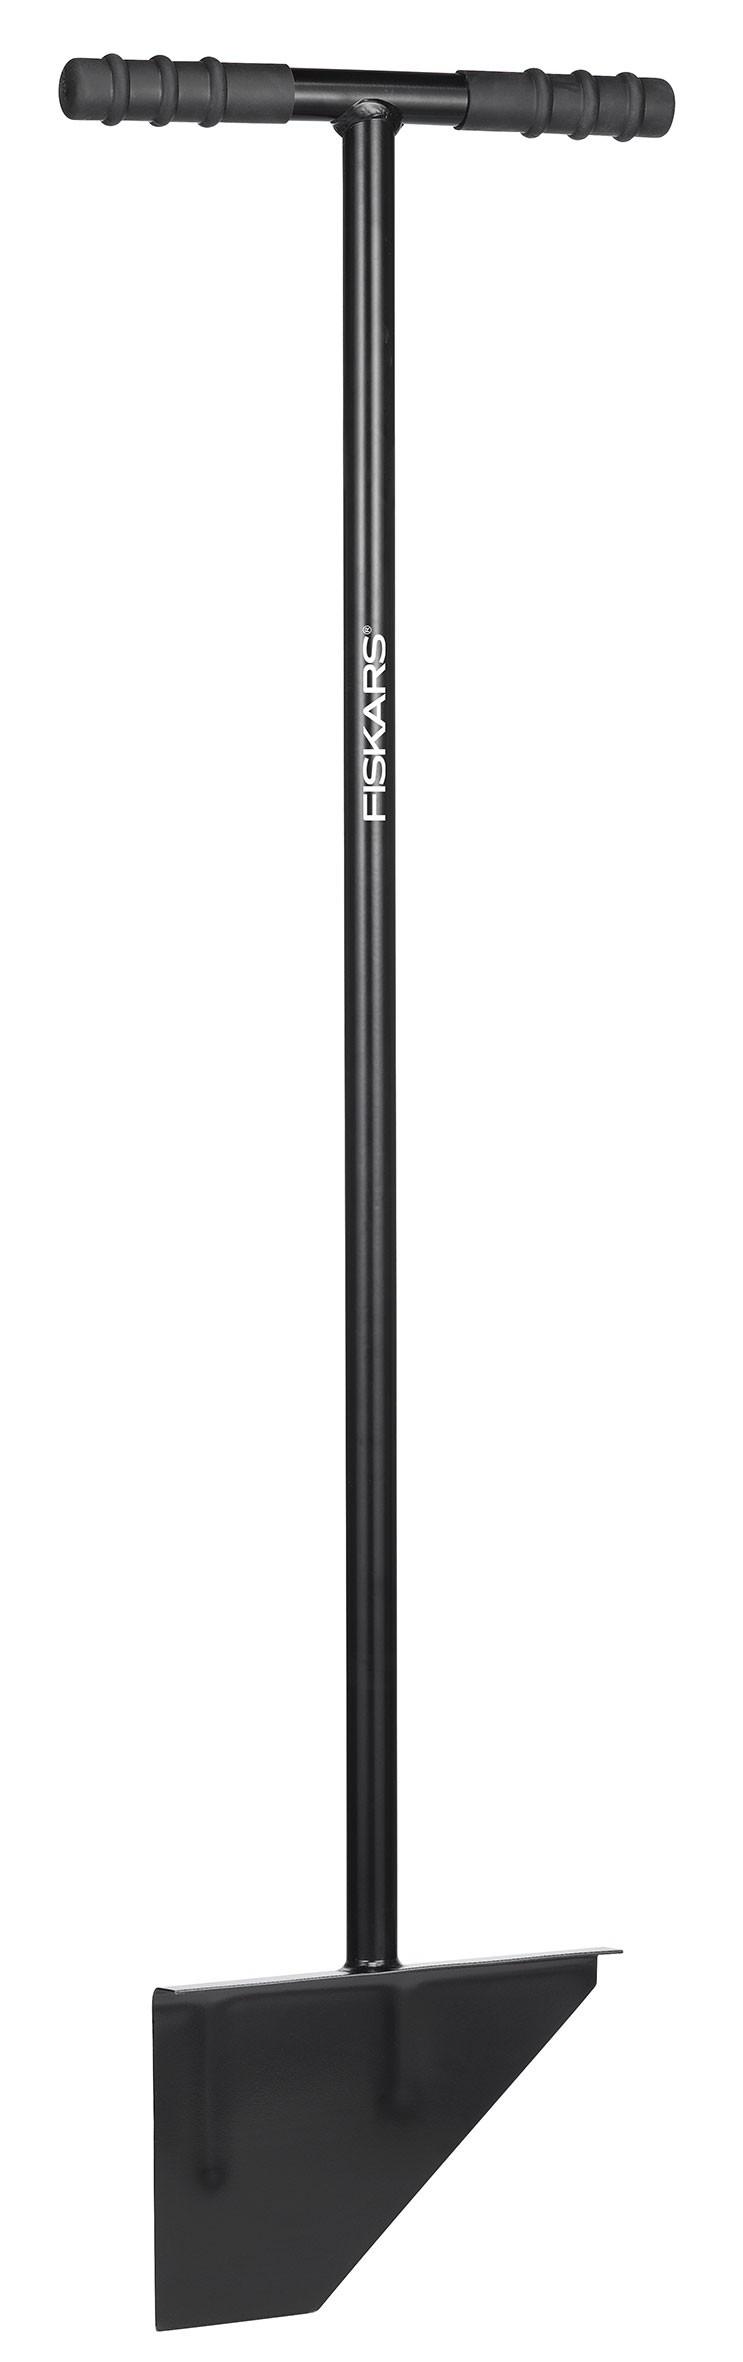 FISKARS SolidT Rasenkantenstecher 109cm Bild 1